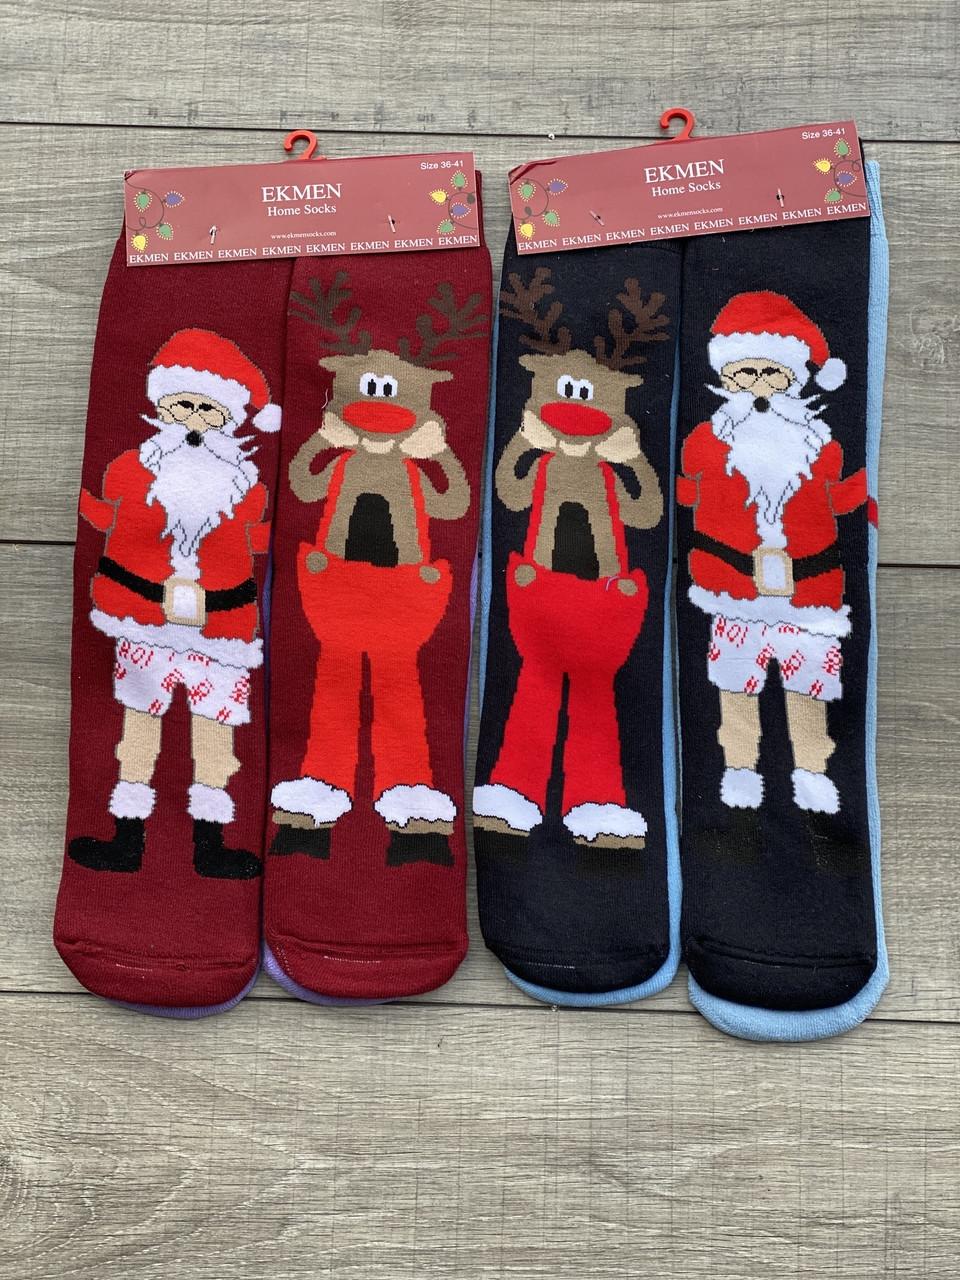 Новорічні чоловічі підліткові махрові шкарпетки Ekmen мікс кольорів розмір 36-41